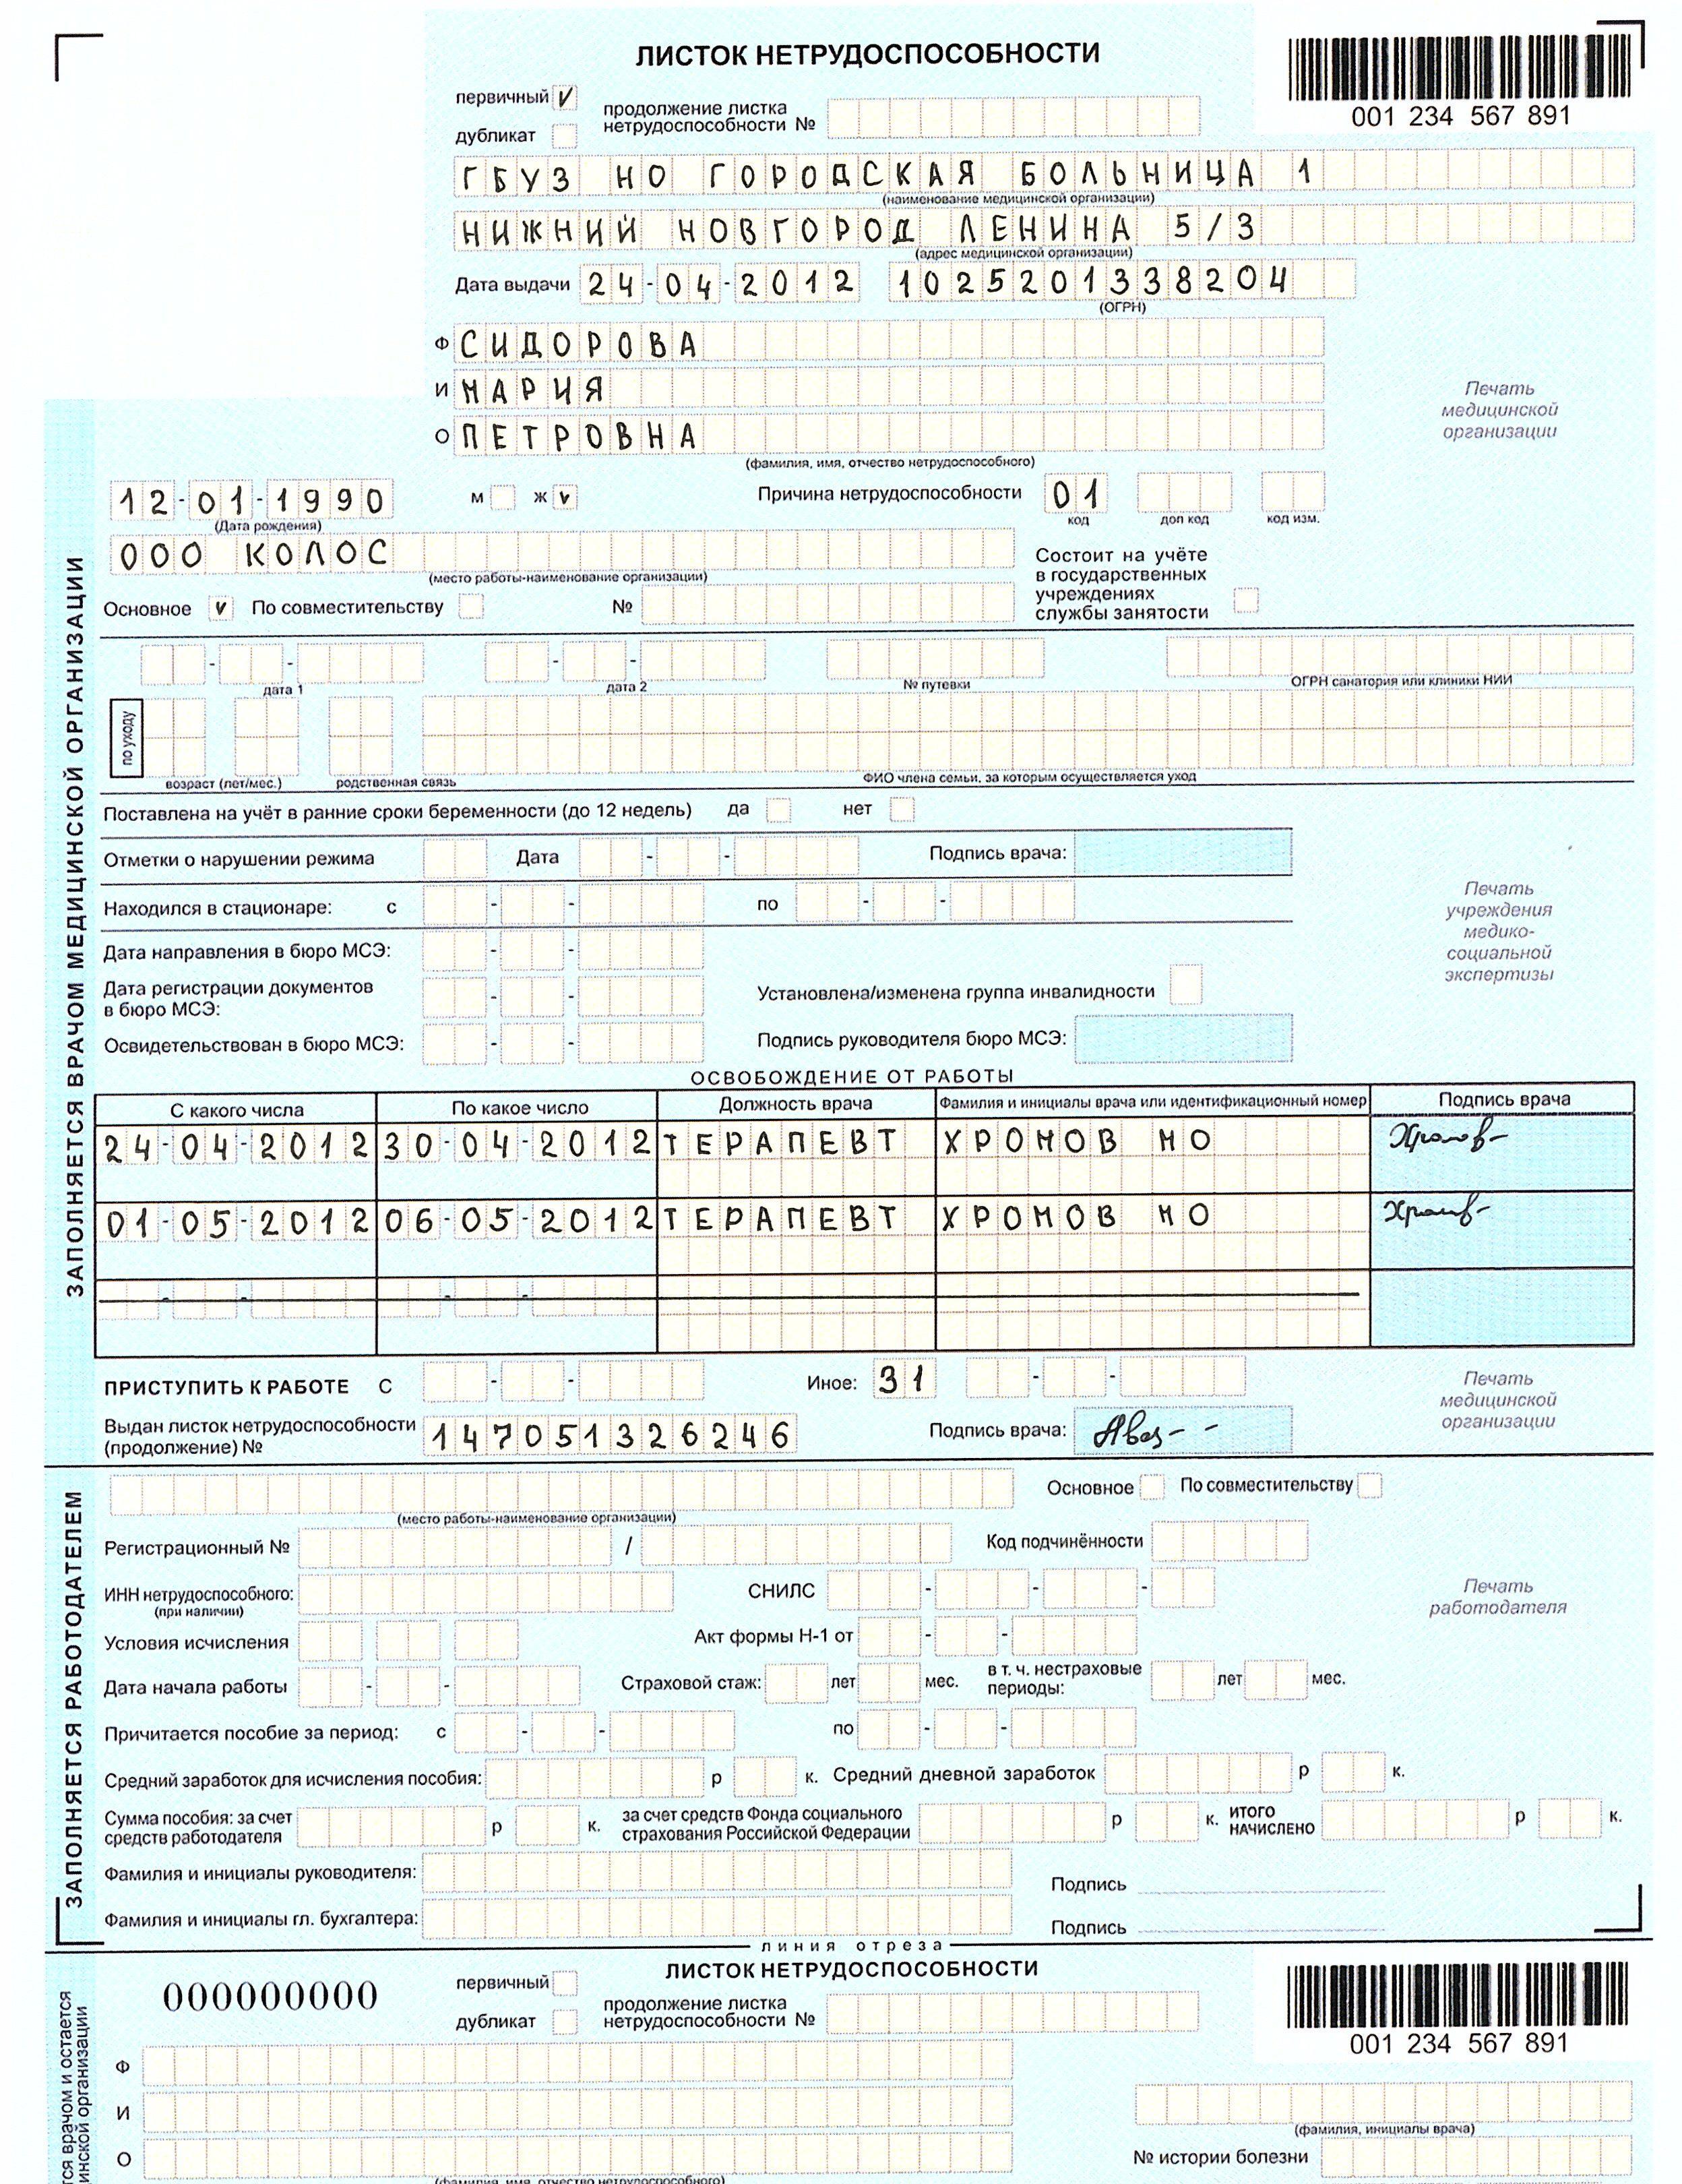 Суд по правам потребителя в автозаводском районе